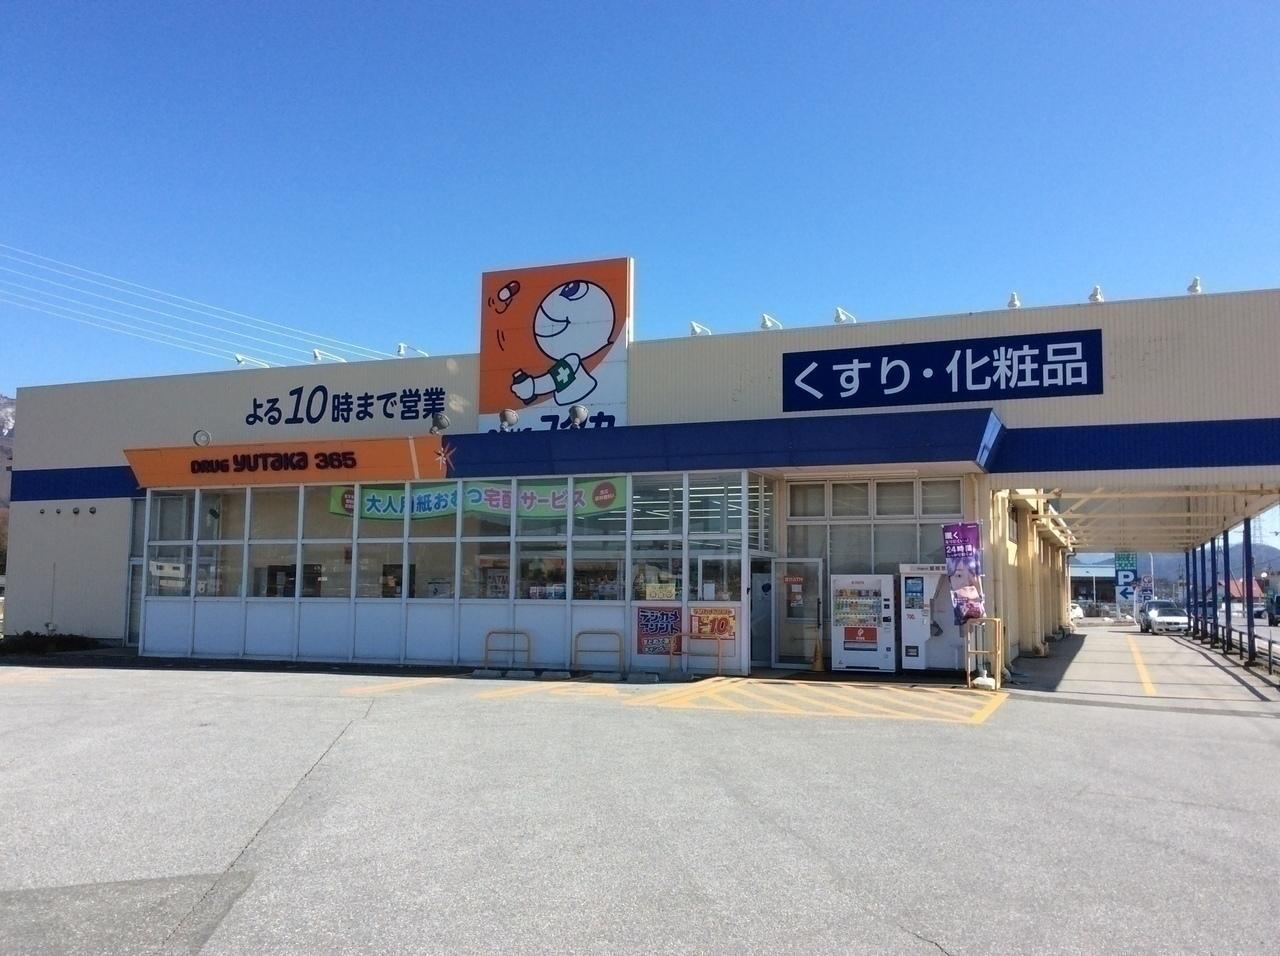 【 ドラッグストア】ドラックユタカ365店